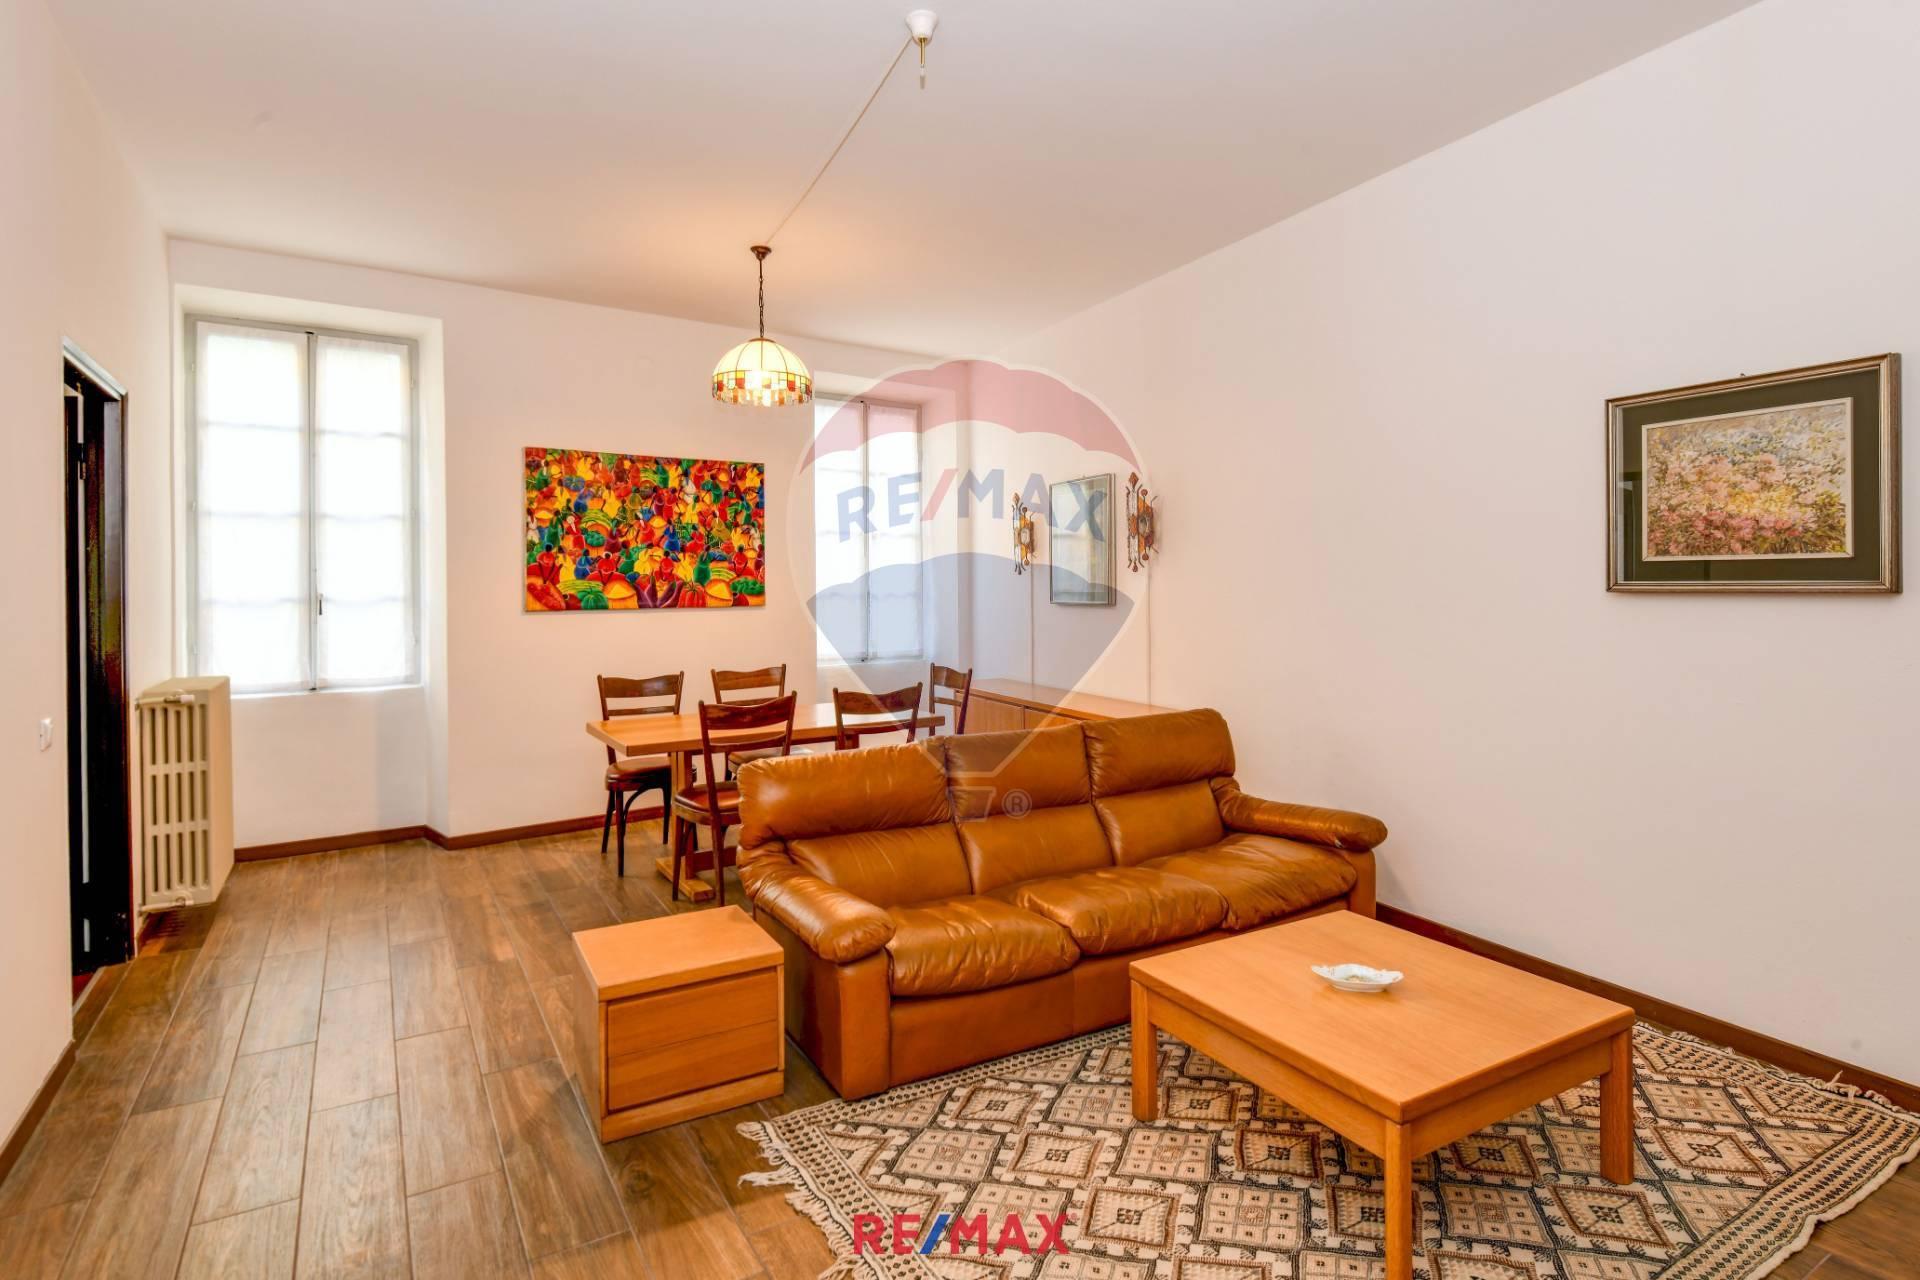 Appartamento in vendita a Salò, 3 locali, prezzo € 300.000 | CambioCasa.it